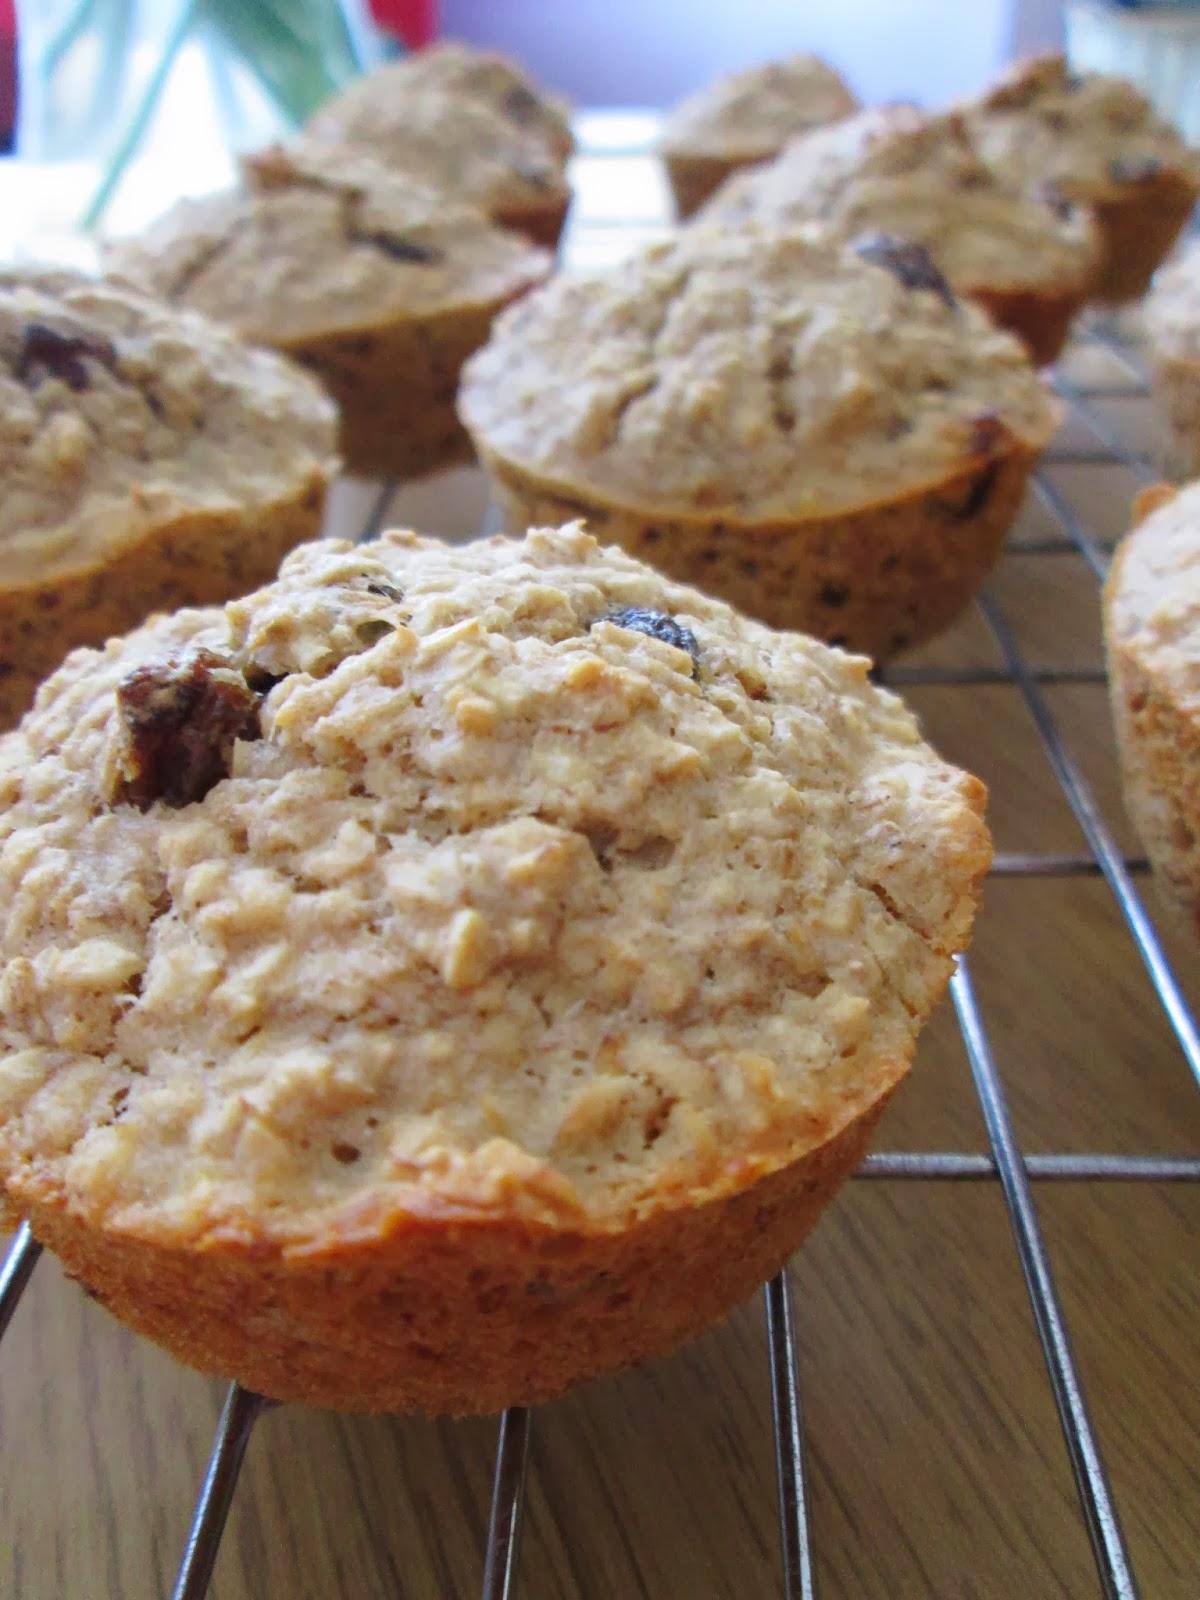 themessykitchenuk.blogspot.co.uk/2014/03/gluten-free-banana-oatmeal-muffins.html